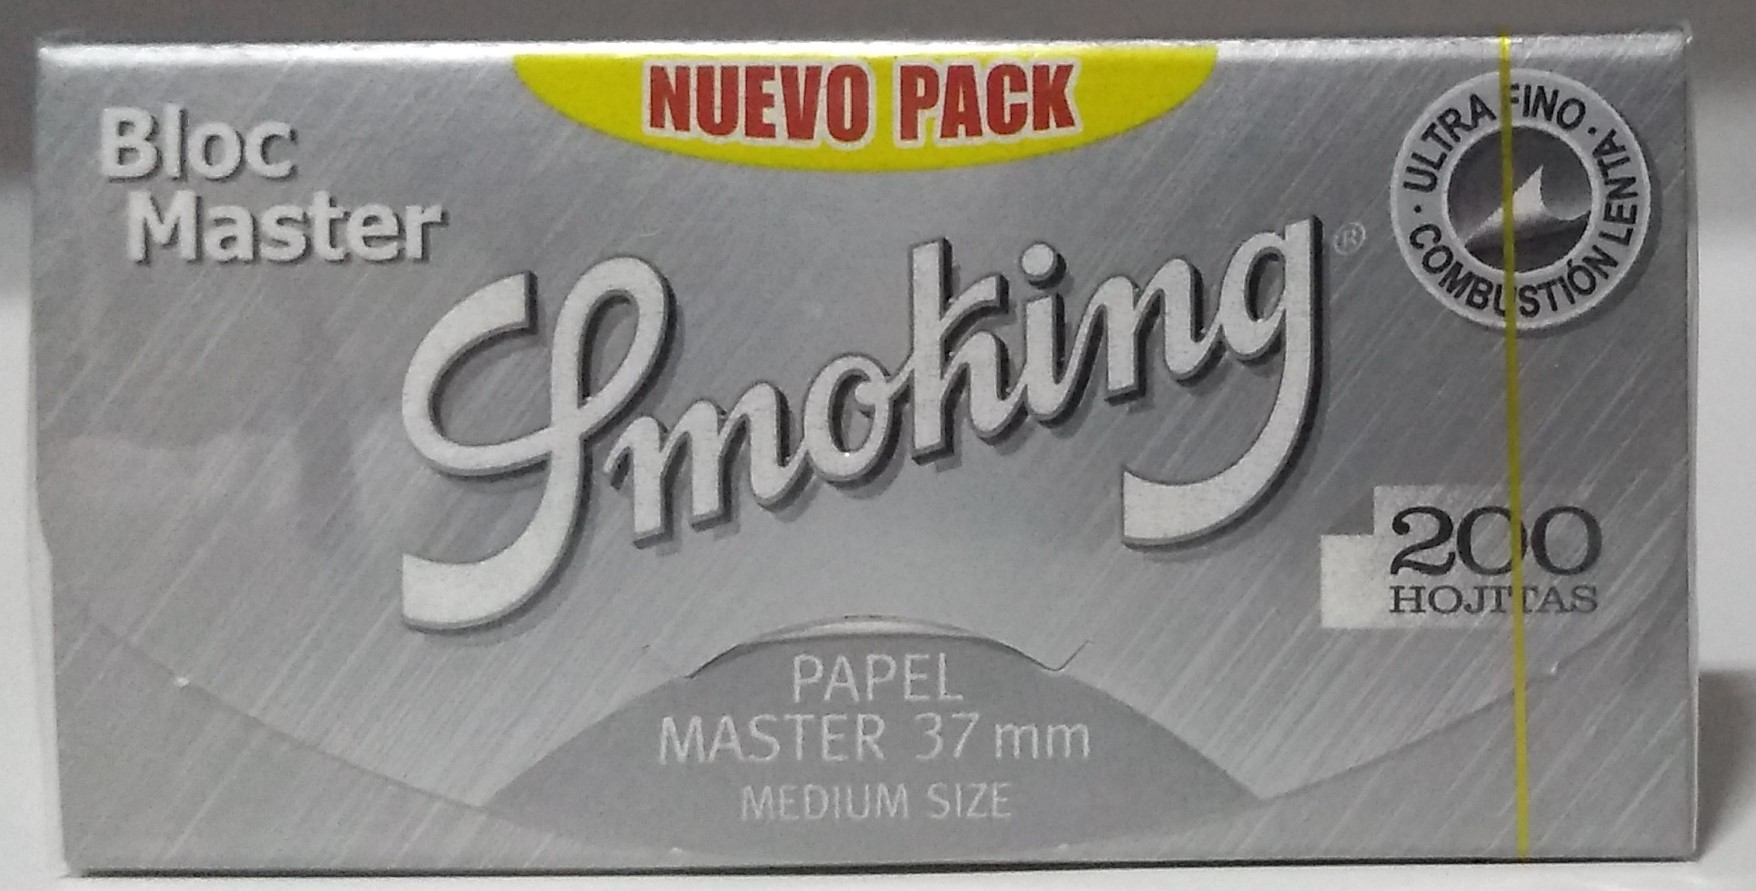 Papel Smoking Master bloc 1.1/4